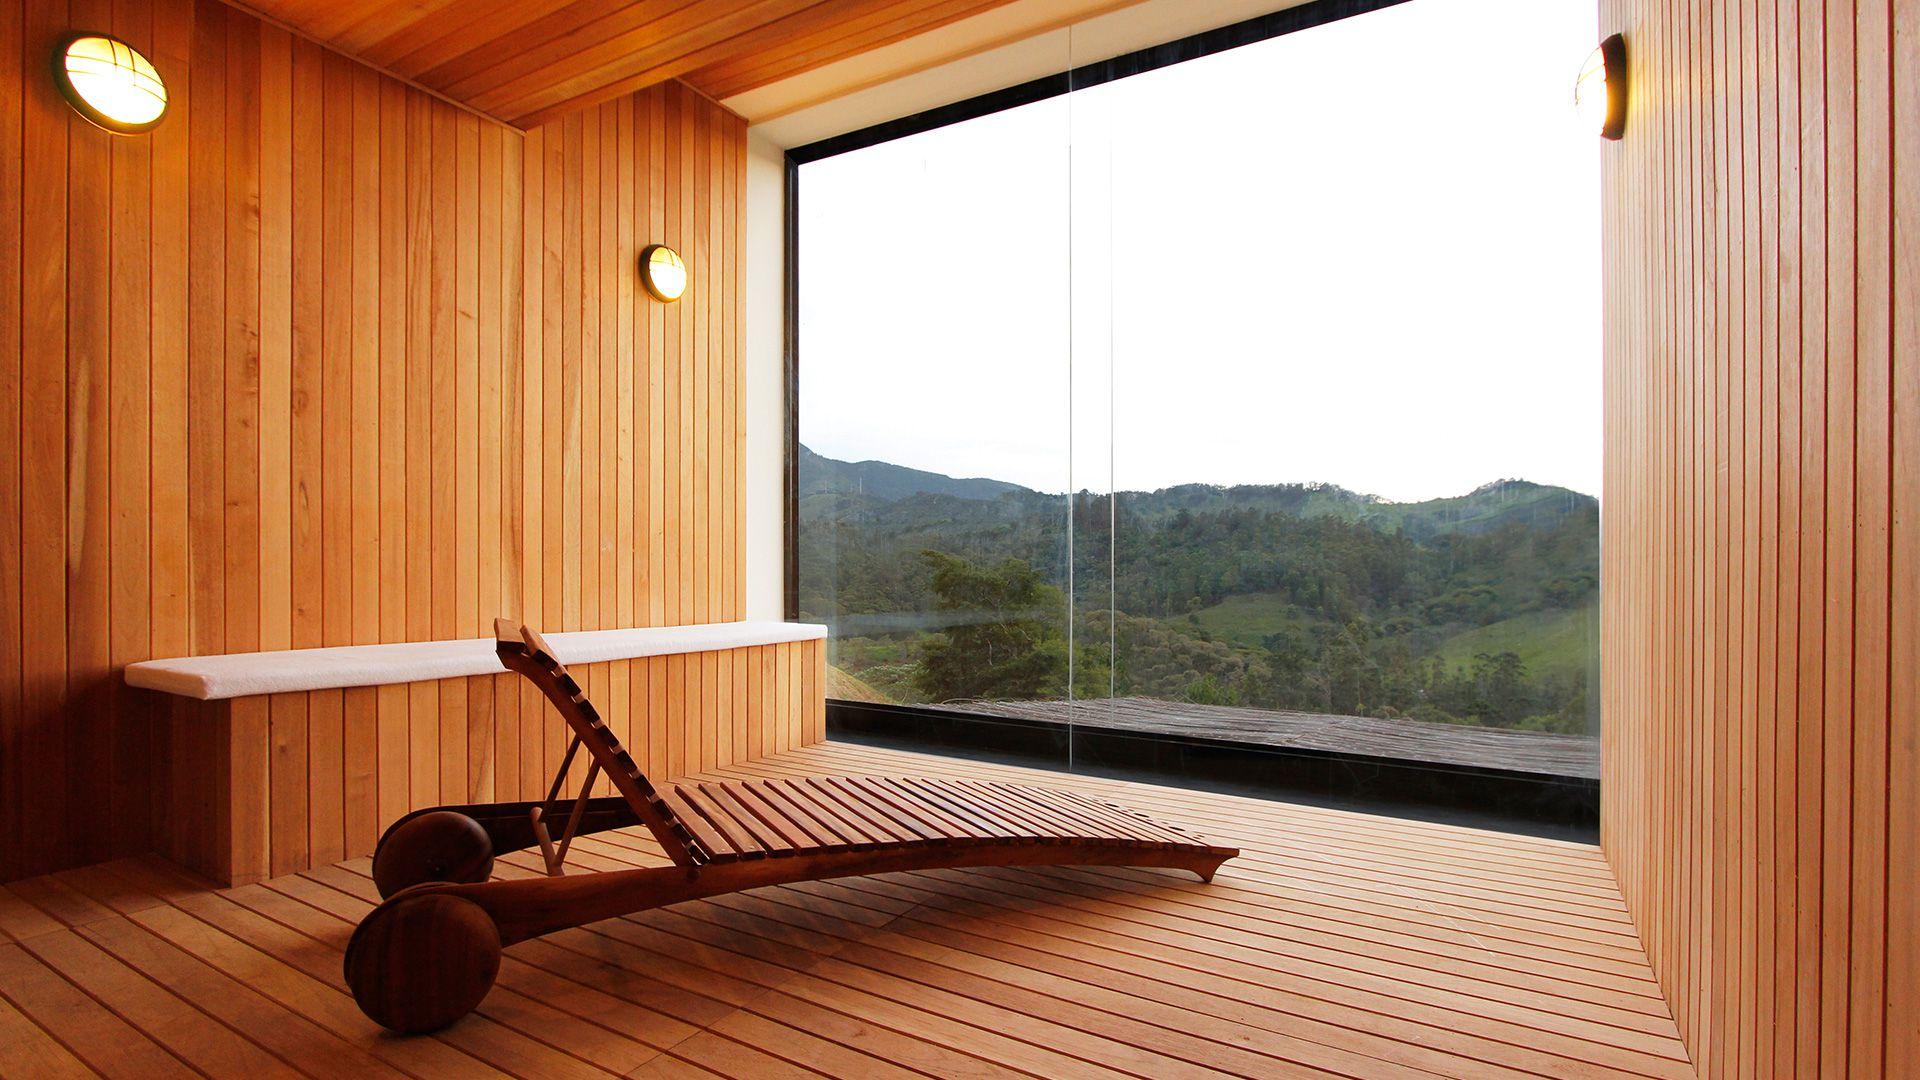 4-spa-hotel-botanique-foto-sala-de-tratamento-em-madeira-com-vista